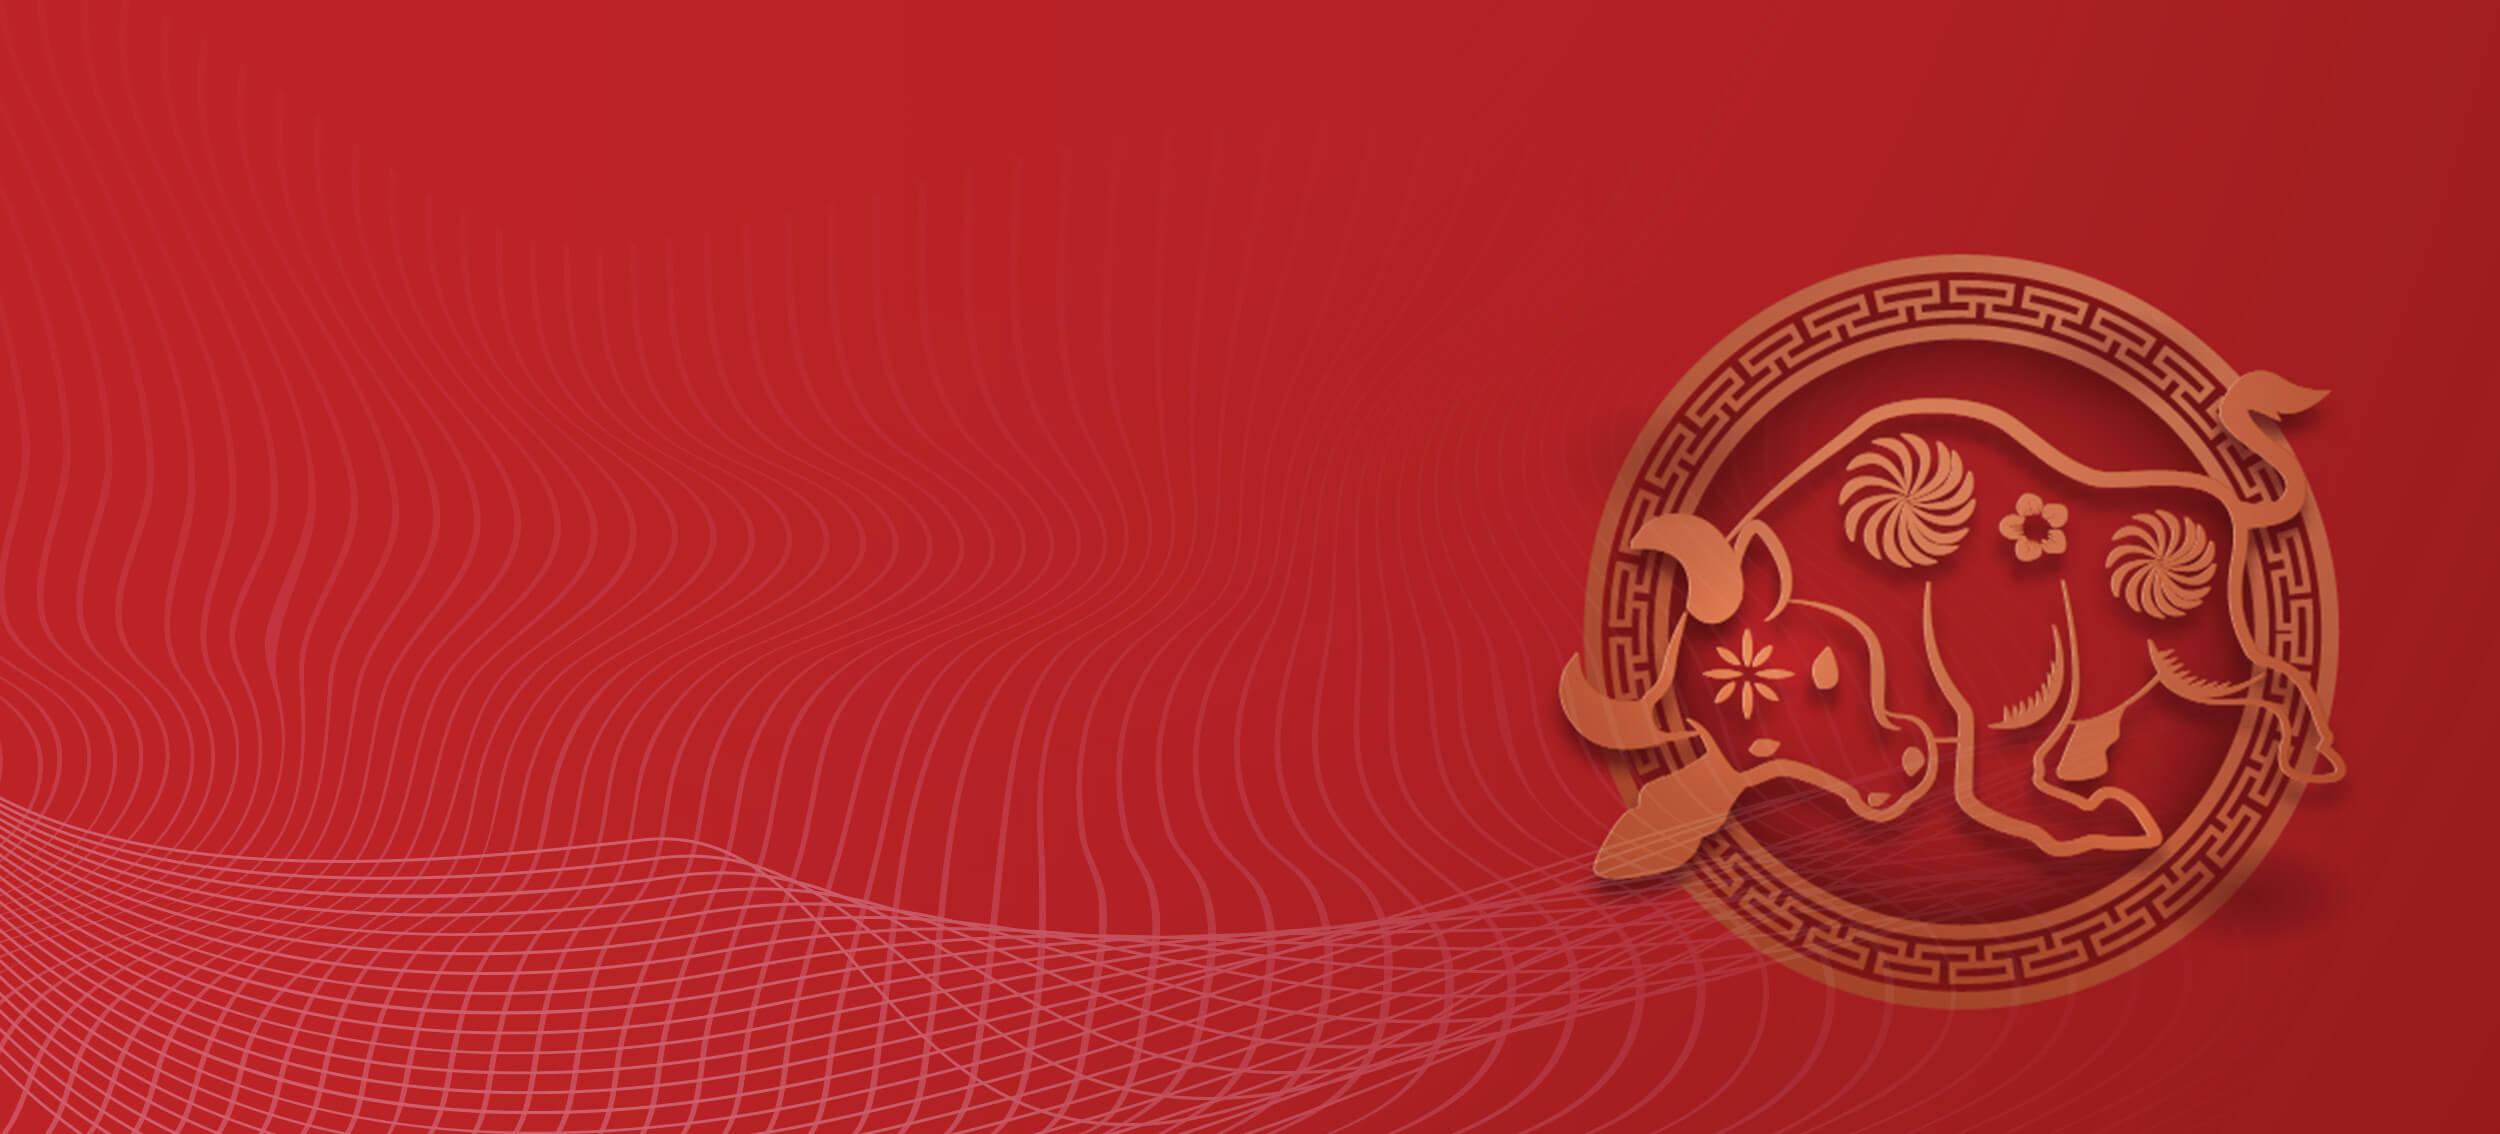 Symbolic China image